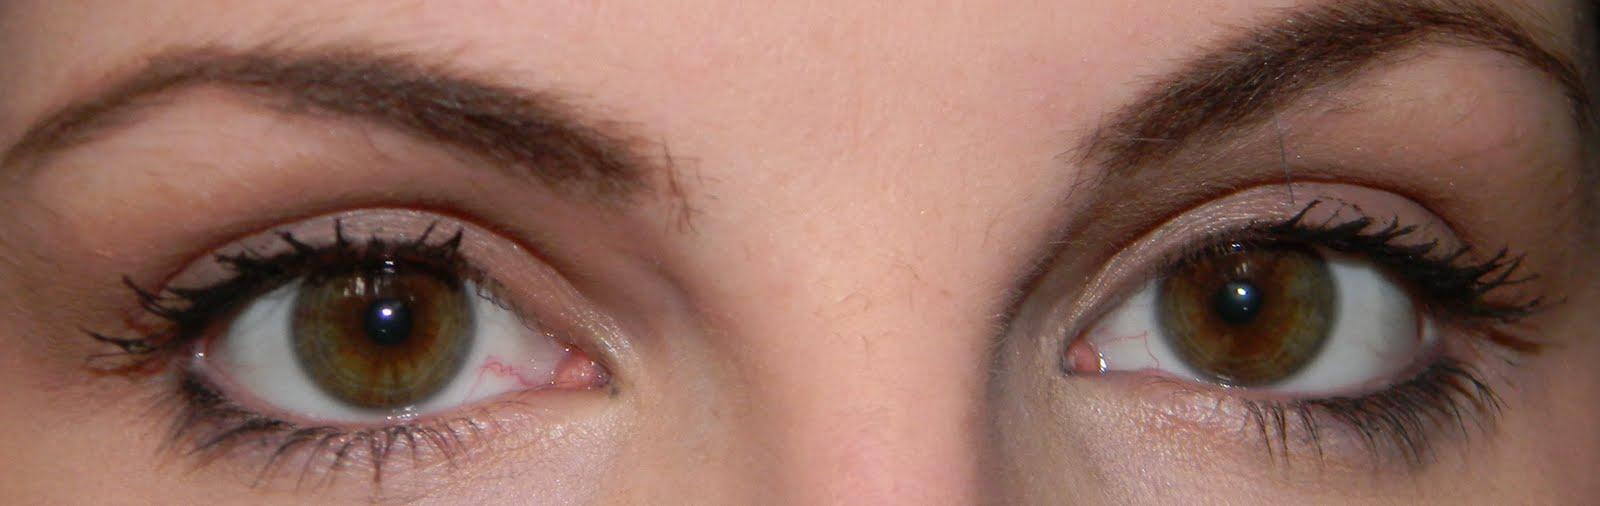 Maybelline Cat Eyes Mascara Superdrug